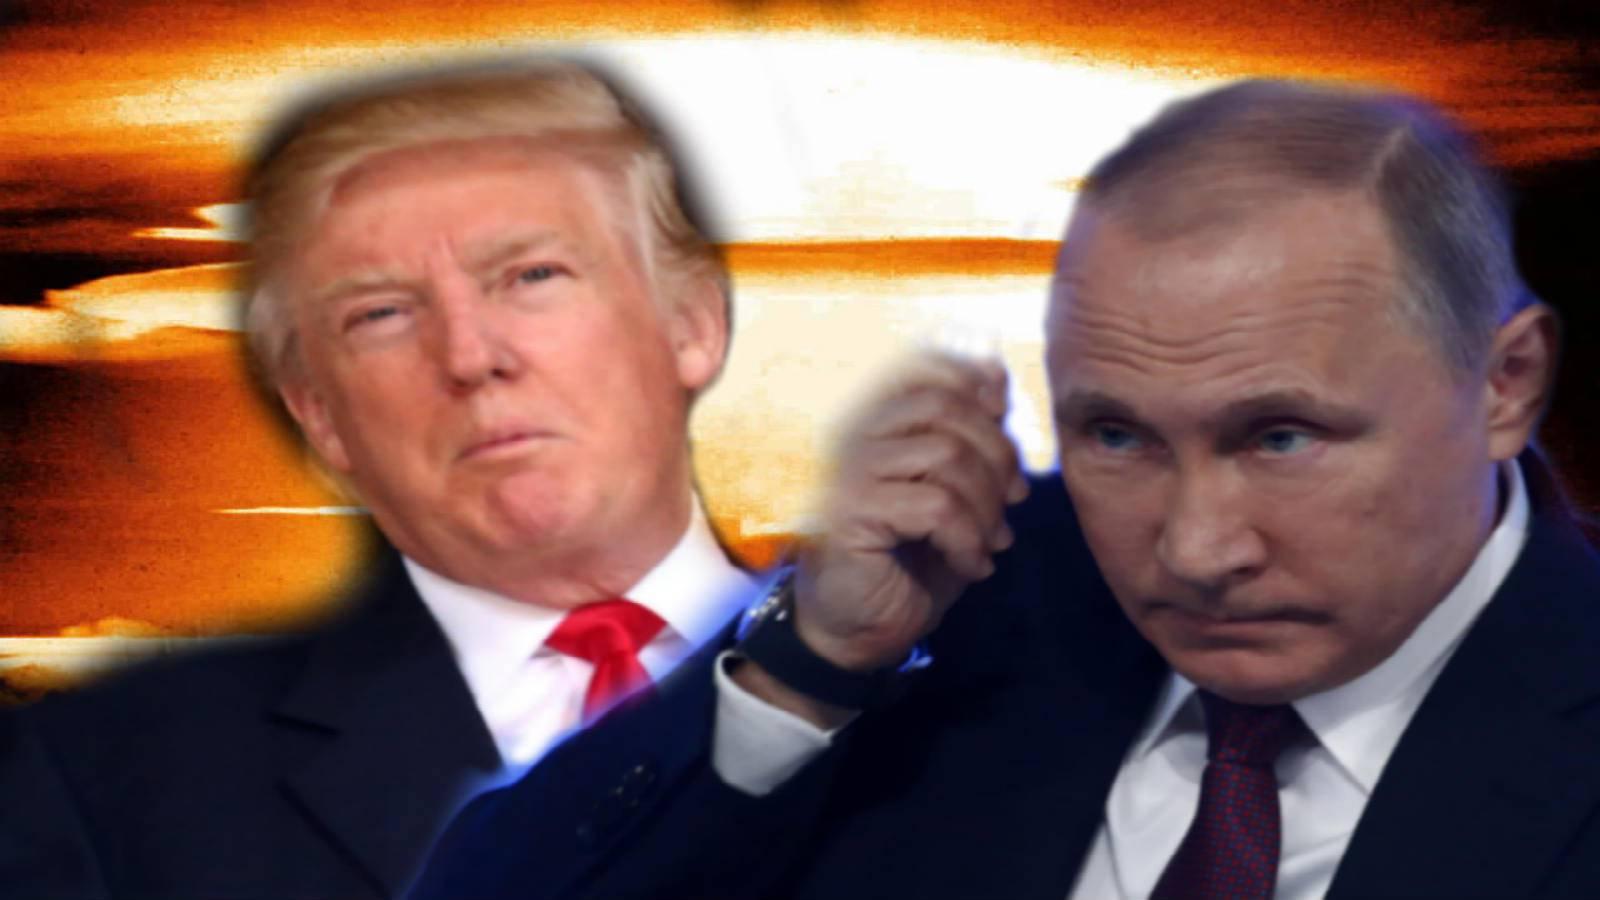 Predviđanja za 2017. godinu: Što spremaju Trump i Putin?